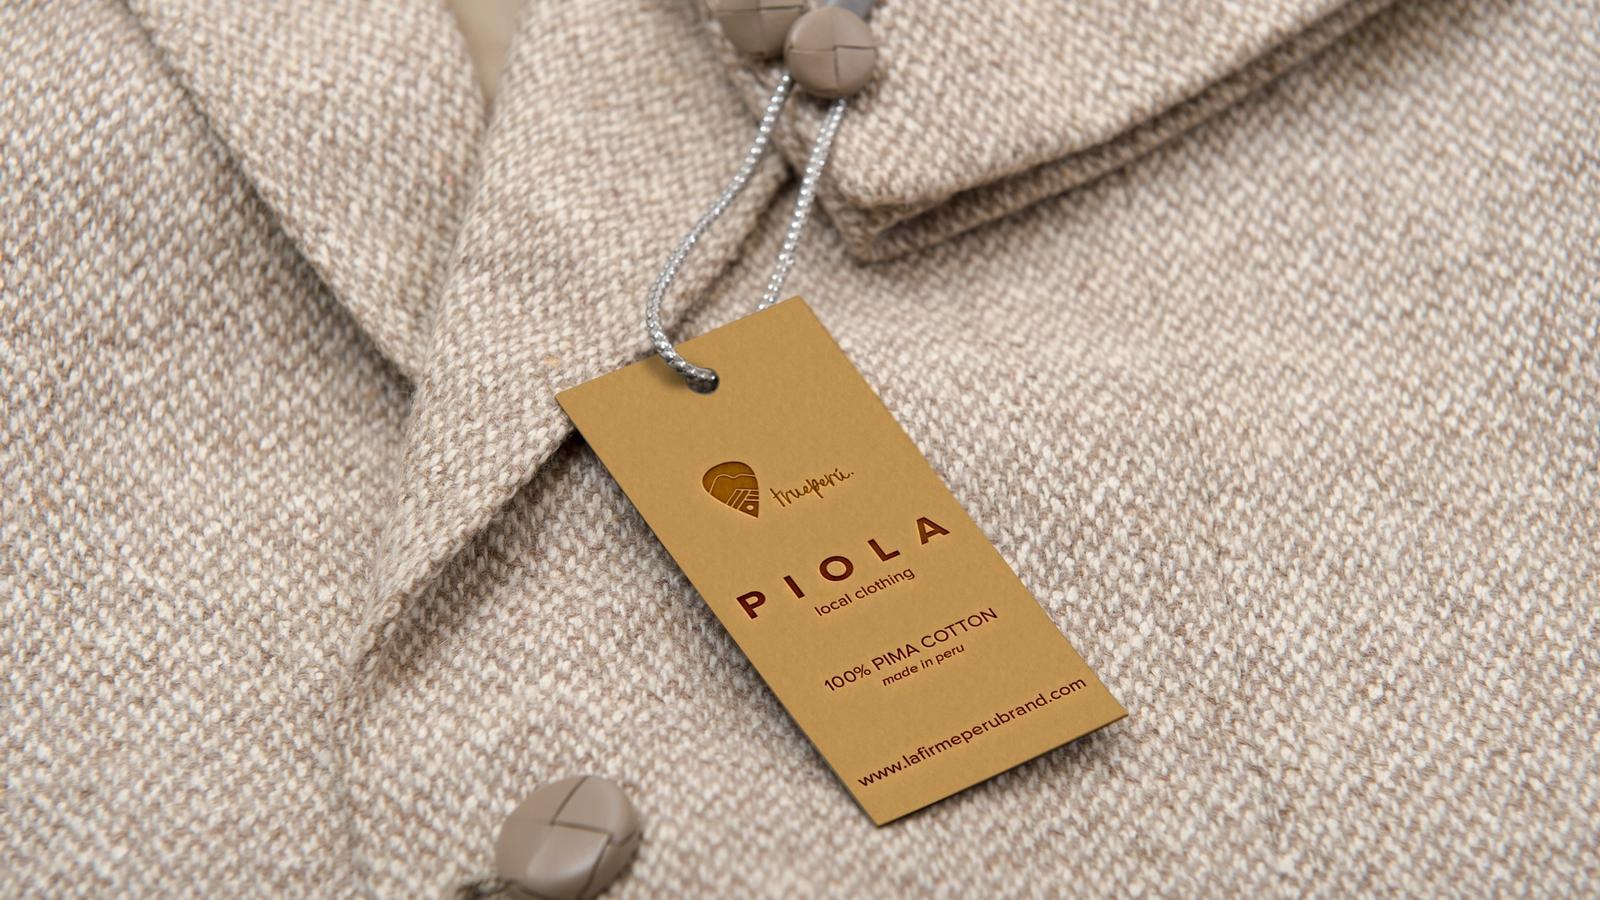 Trueperu Piola Labels // Aeroperu Renaming/Rebranding